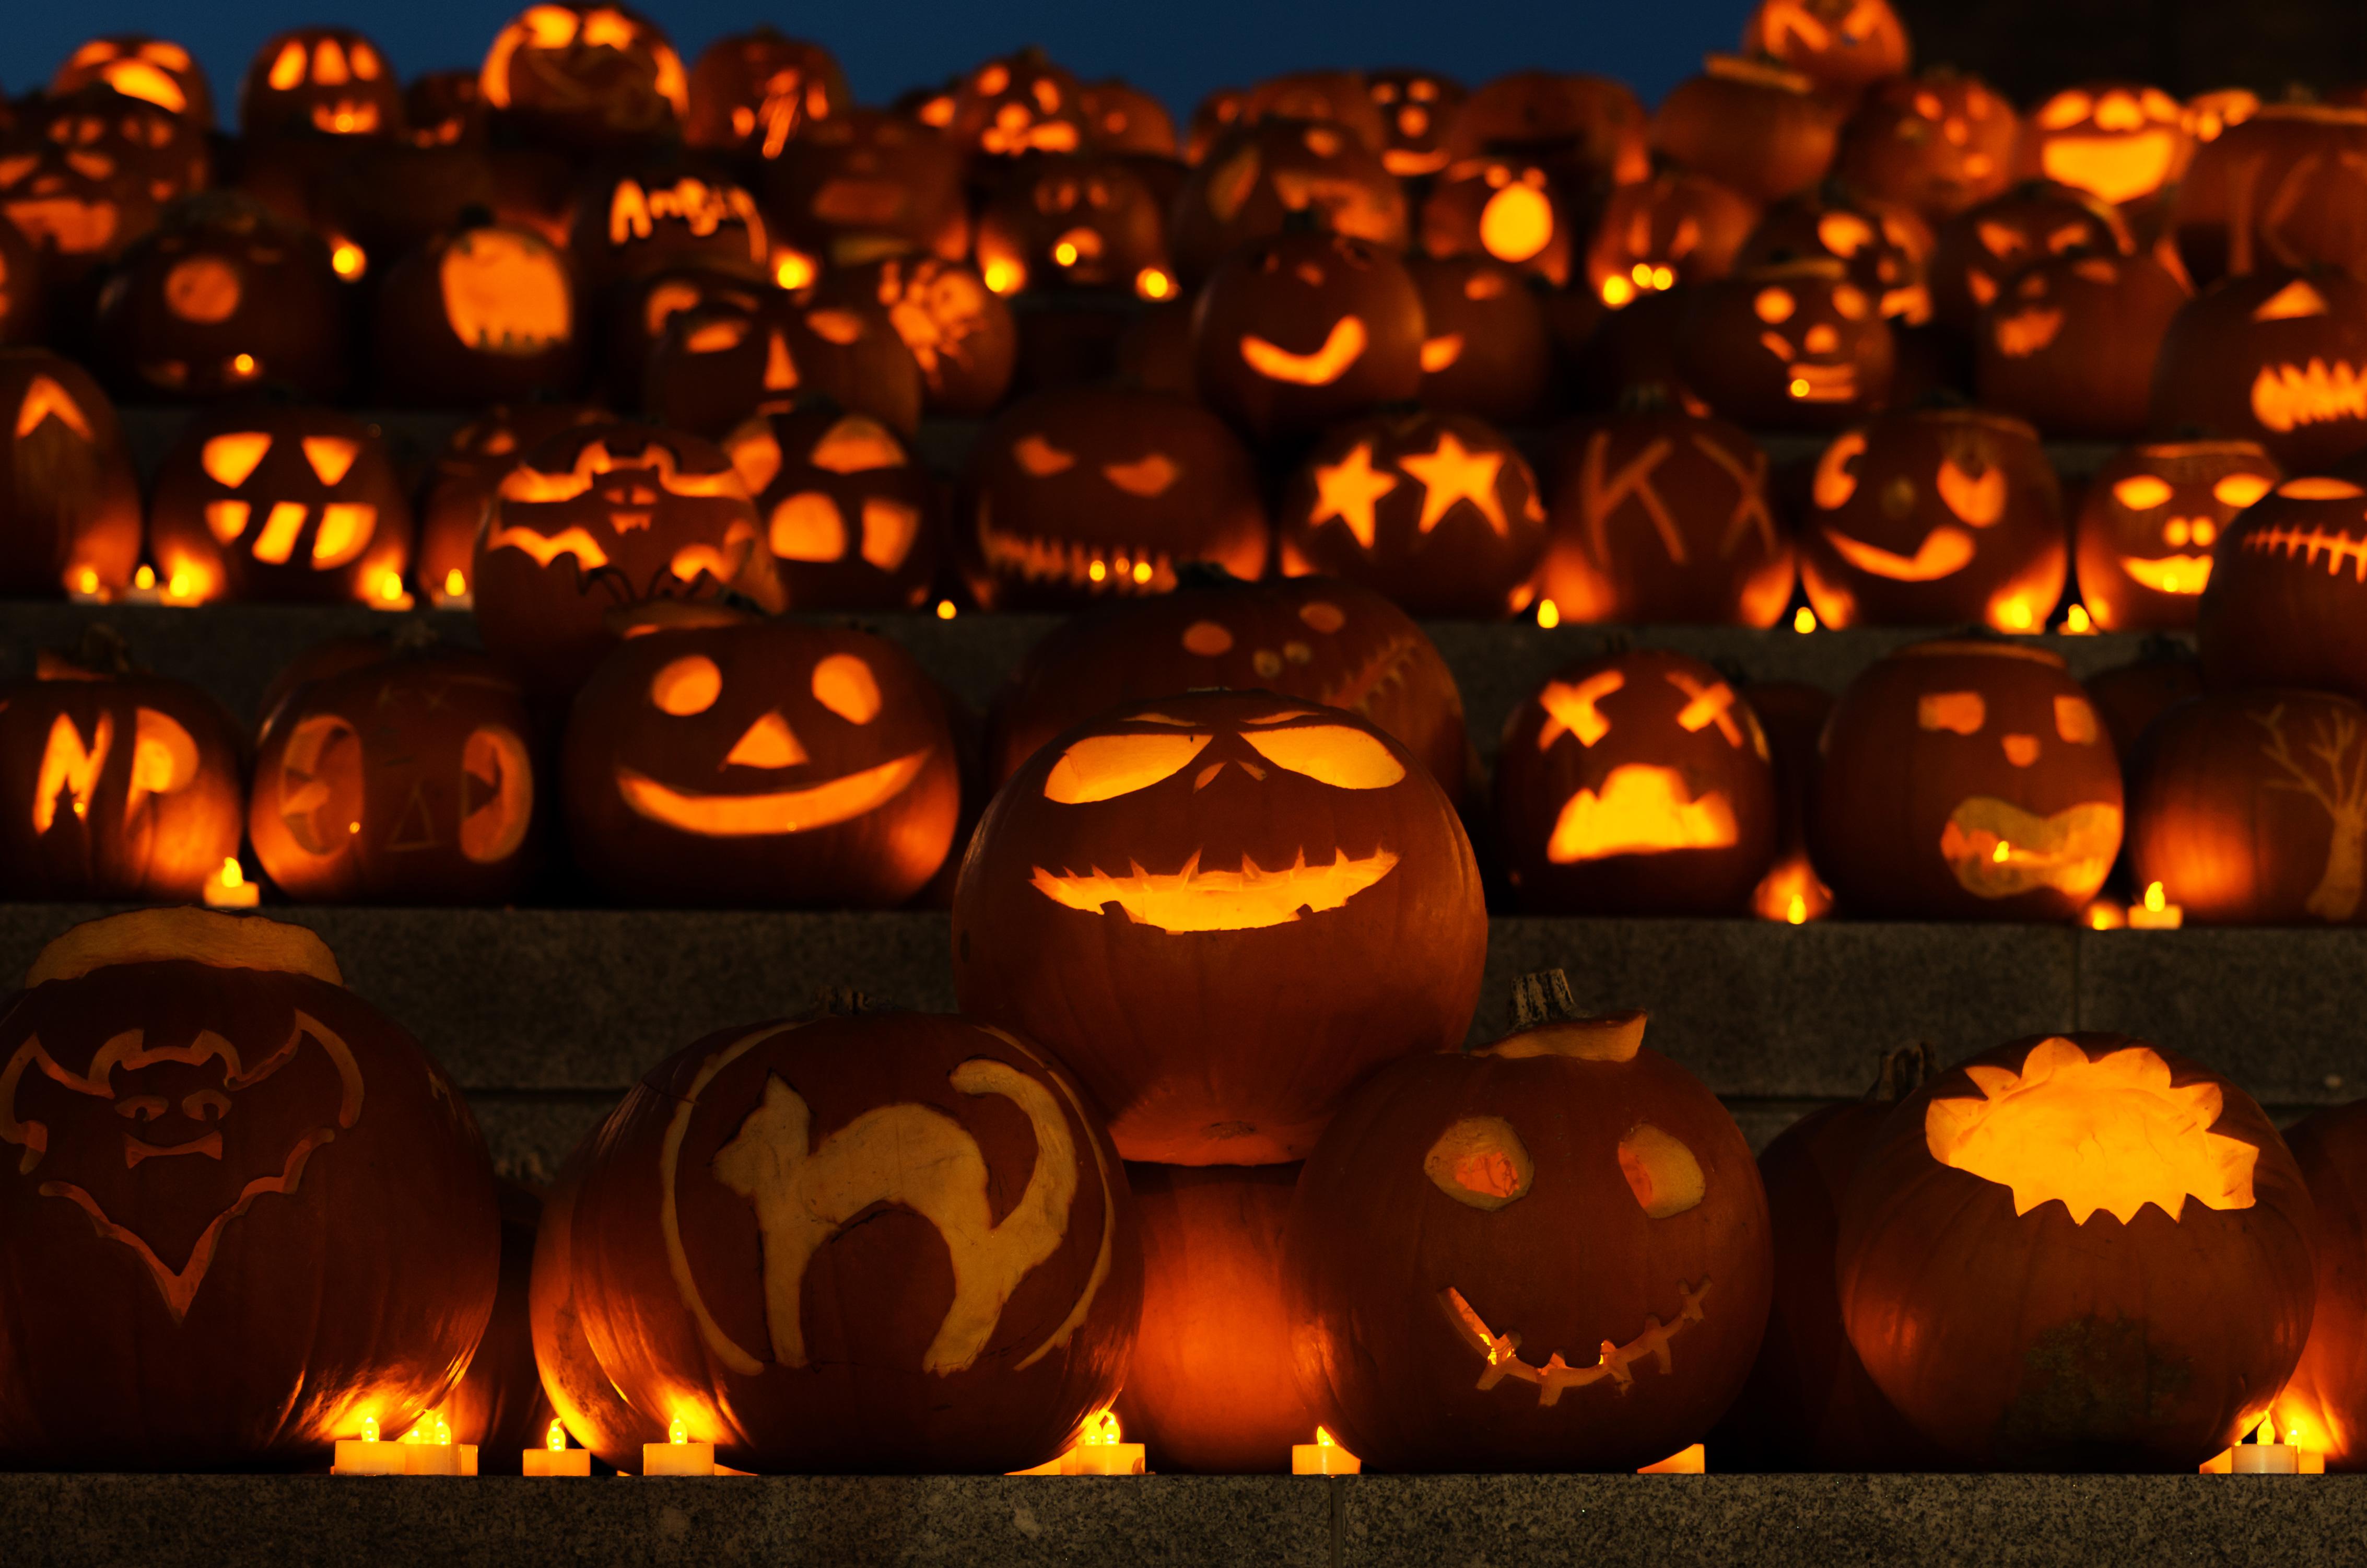 Chi Ha Inventato Halloween.Halloween 2015 Gli Eventi Piu Divertenti E Spaventosi In Italia